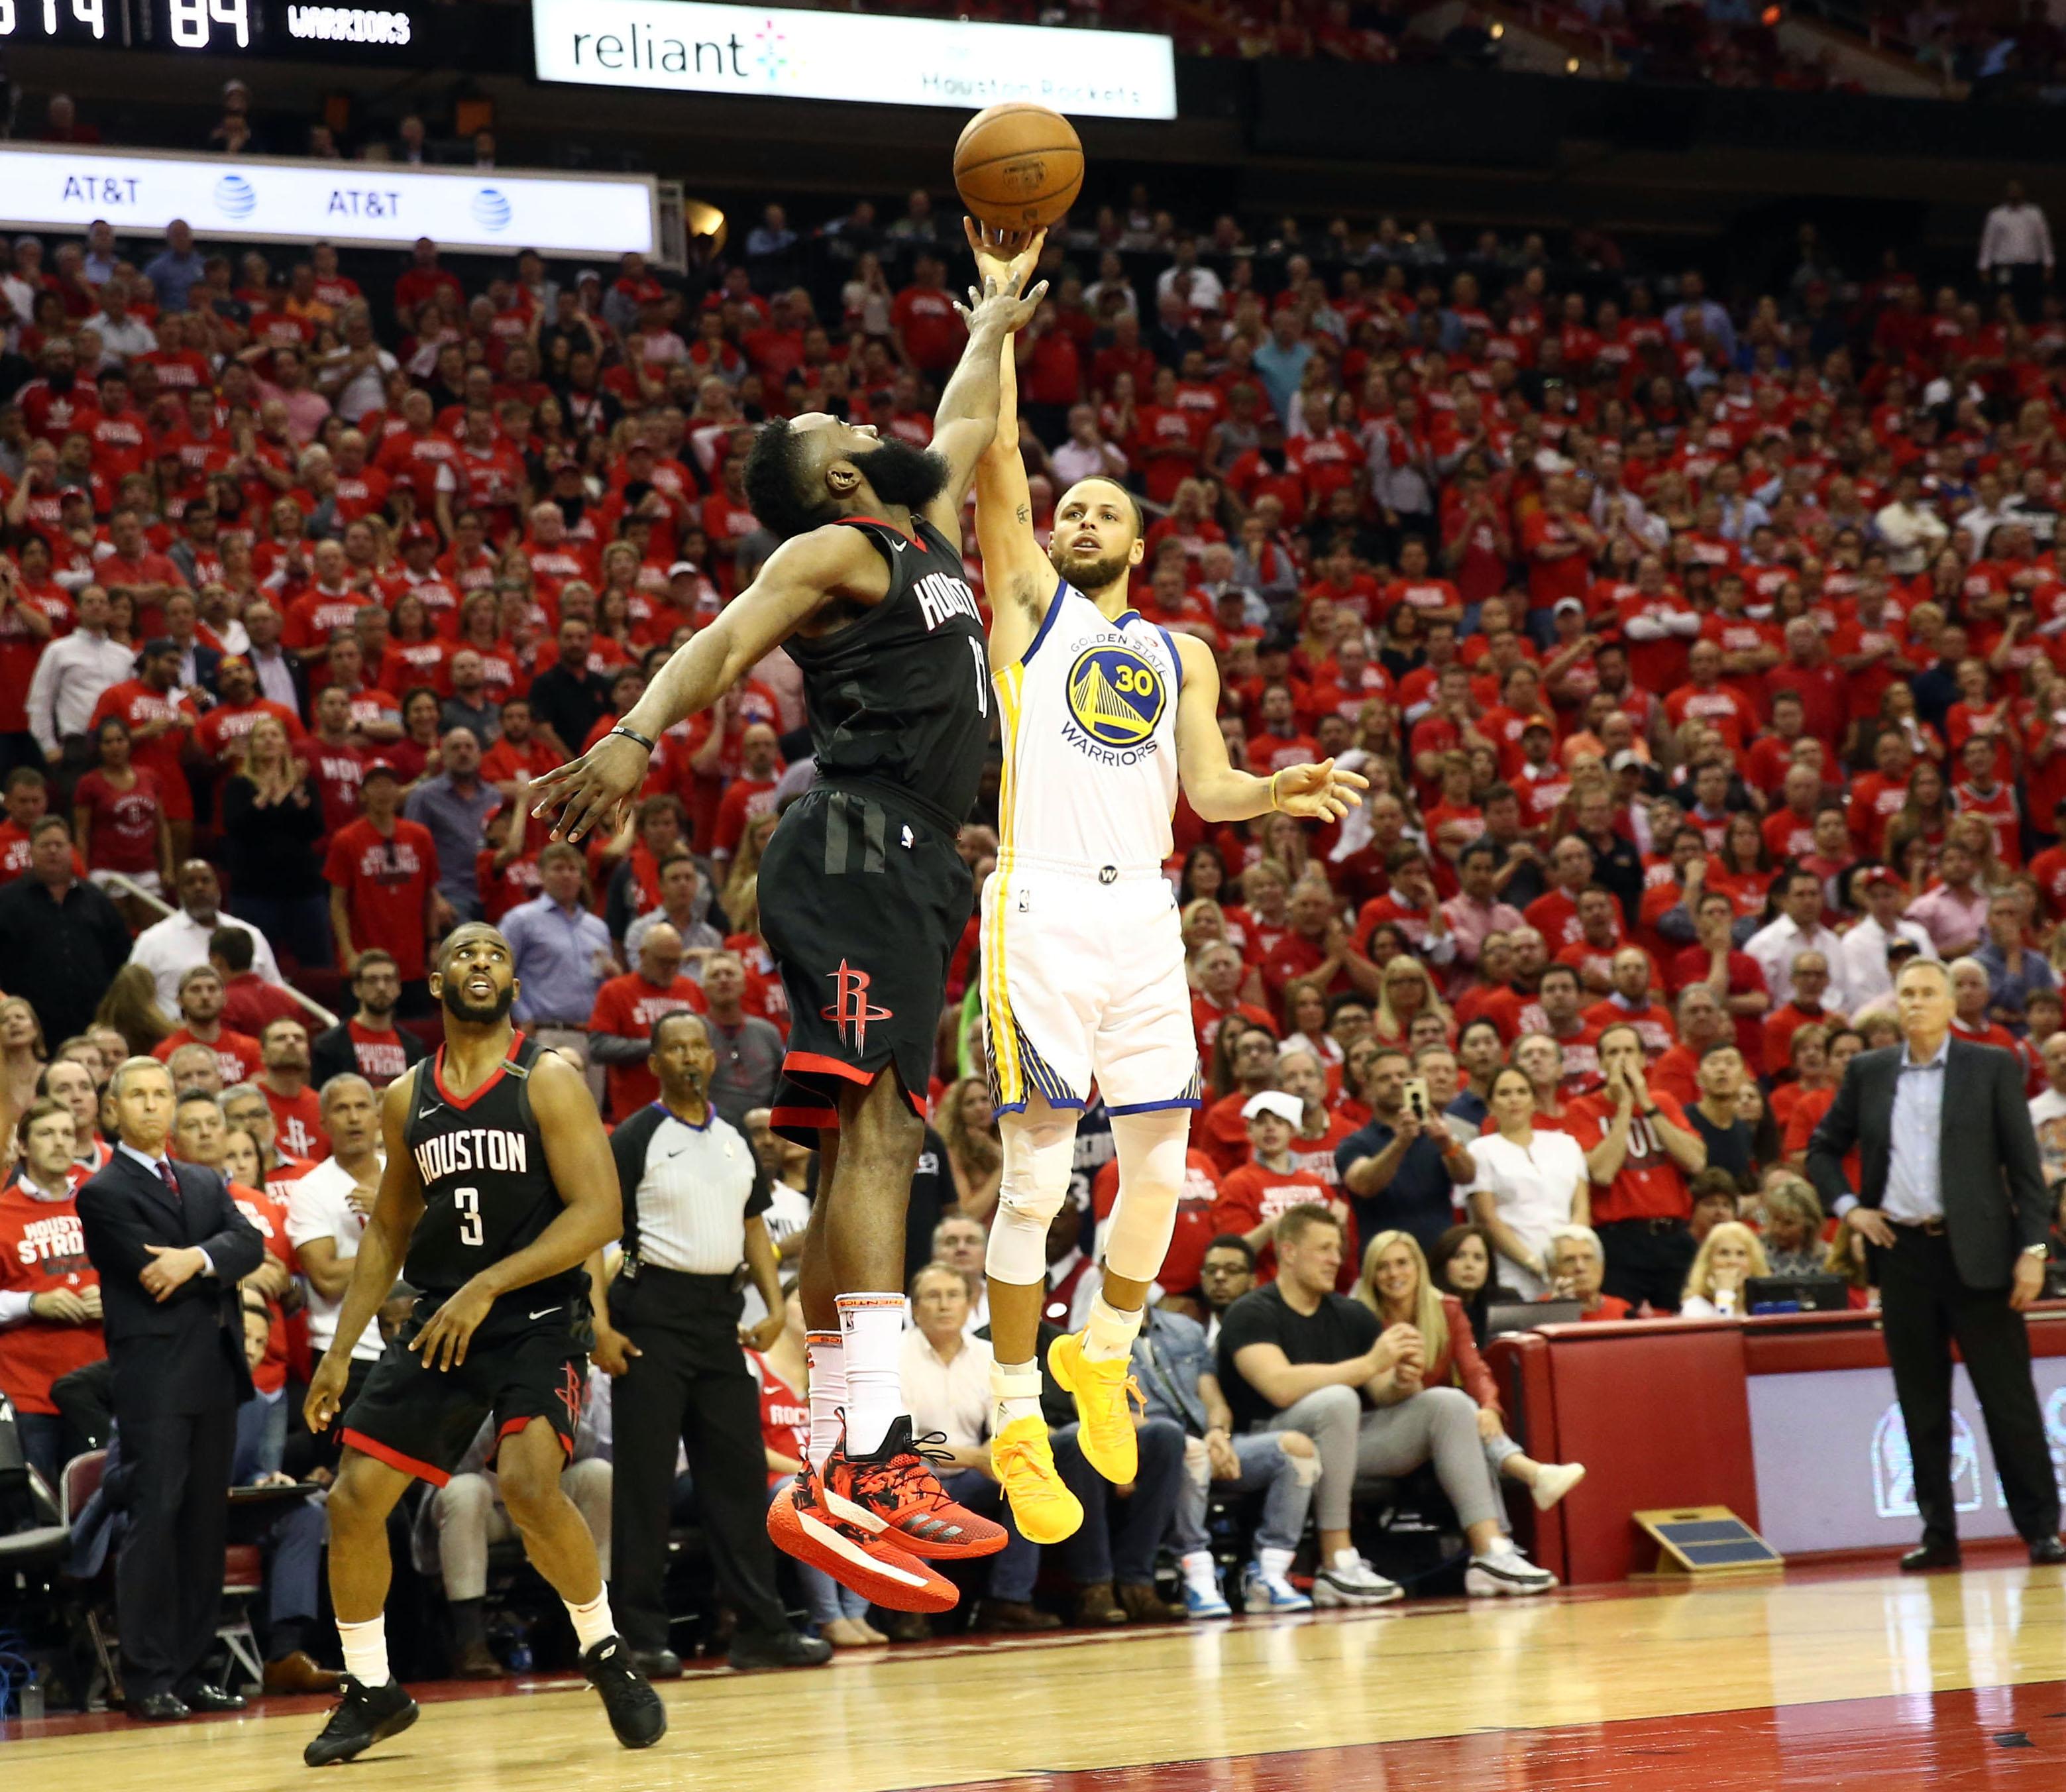 Rockets Vs Warriors May 24: The Dream Shake, A Houston Rockets Community